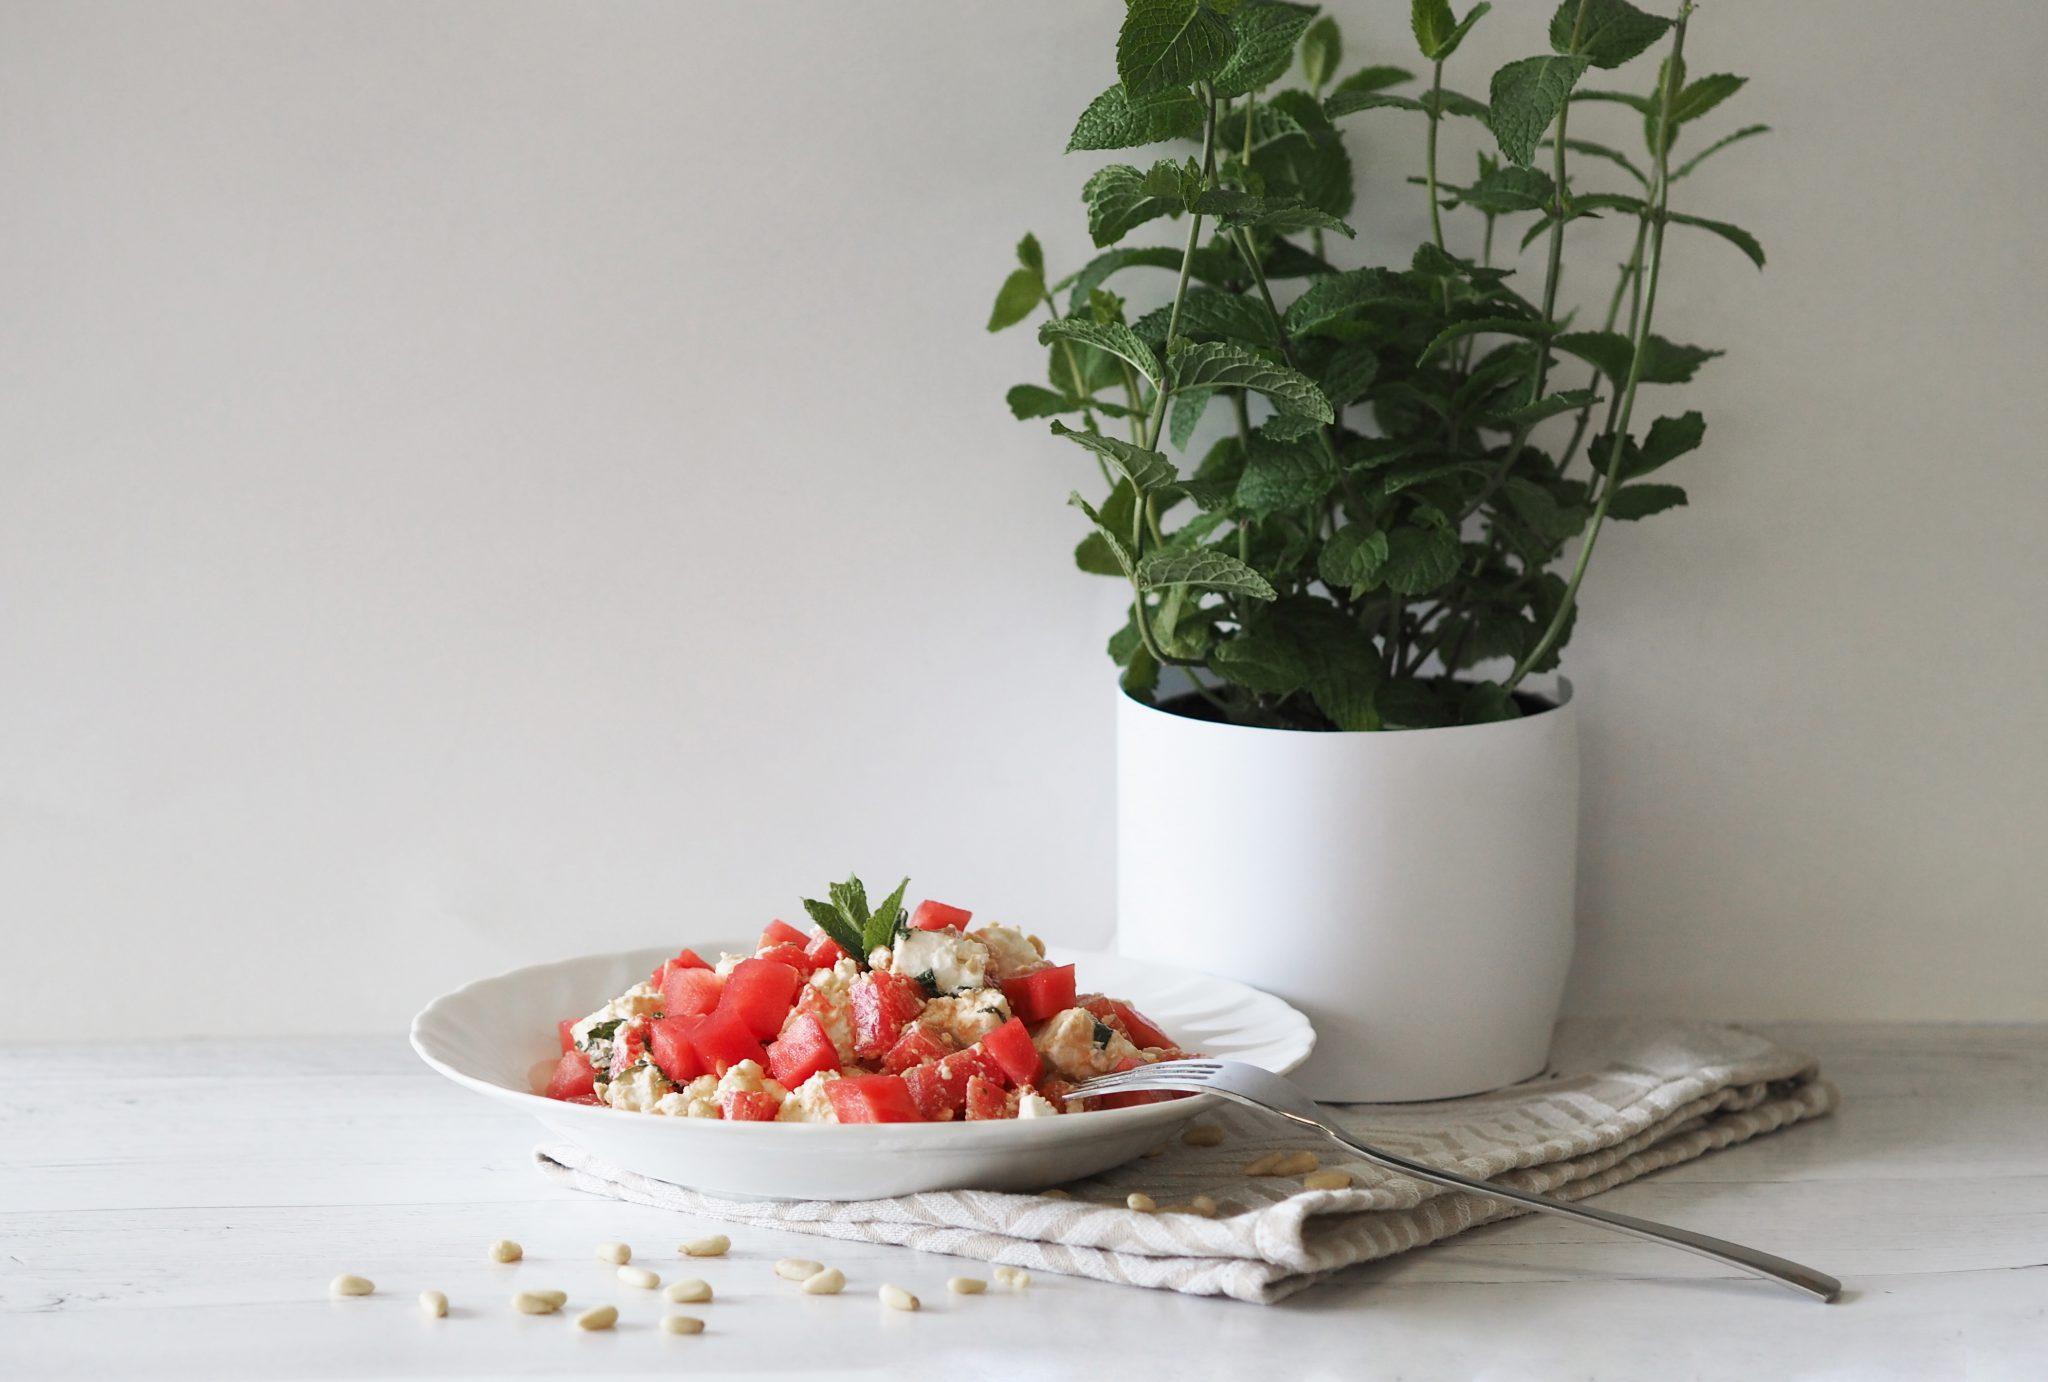 P5300255neu - Wassermelonensalat mit Feta: die sommerliche Beilage zum Grillen